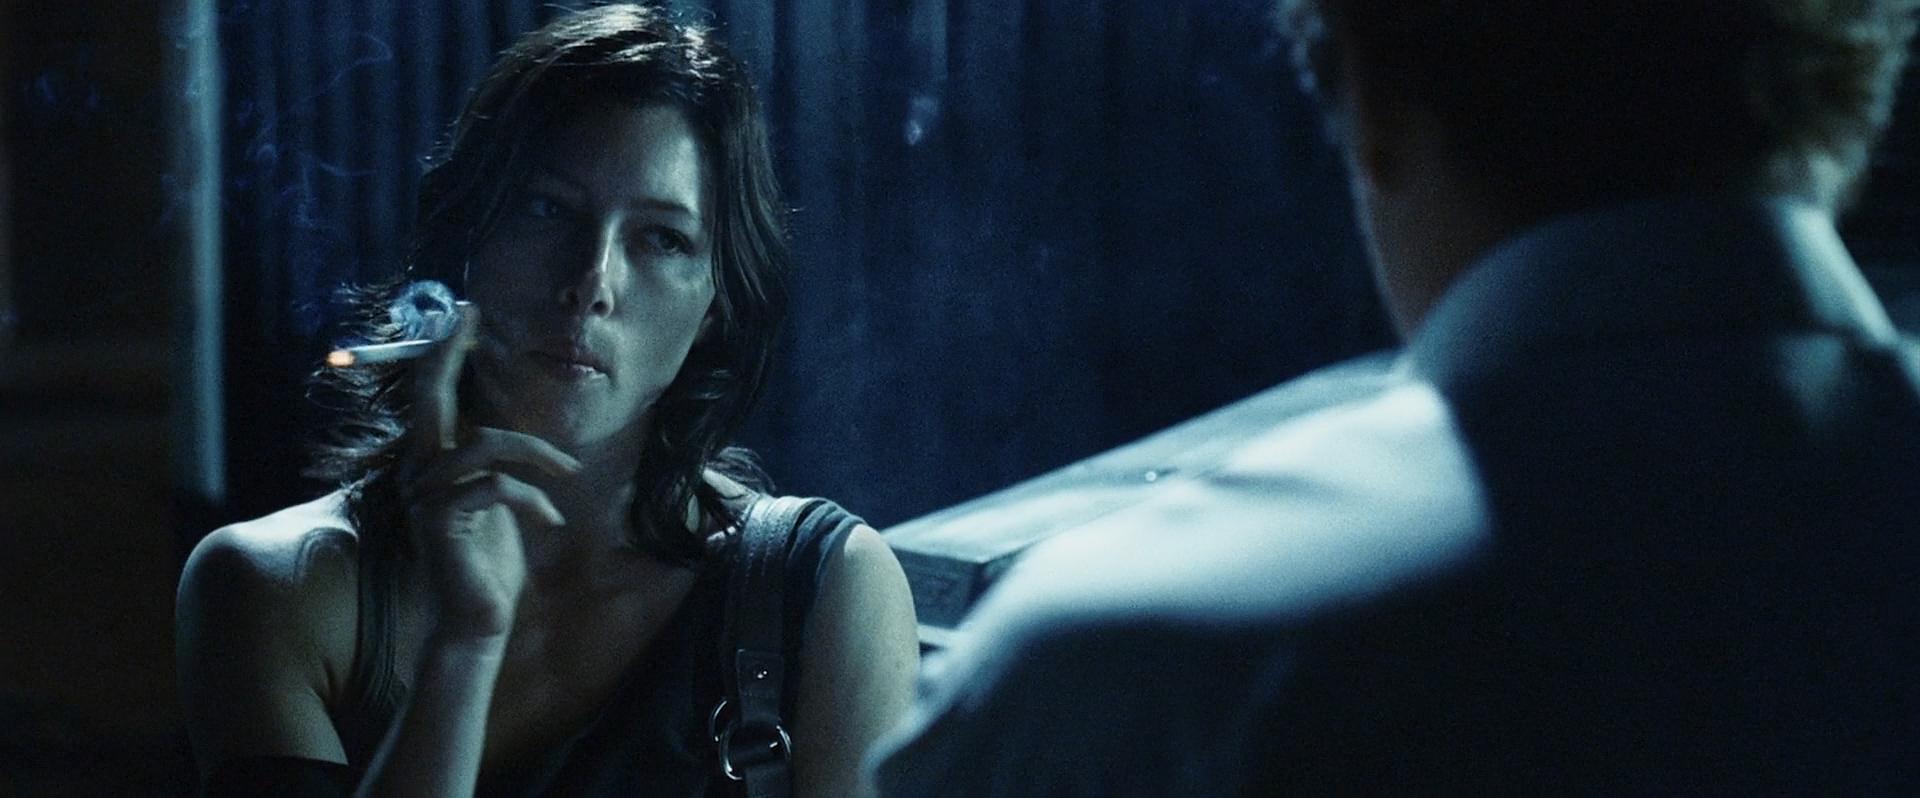 Jessica Biel nude topless ultra hot - Powder Blue (2009) HD 1080p BluRay (9)